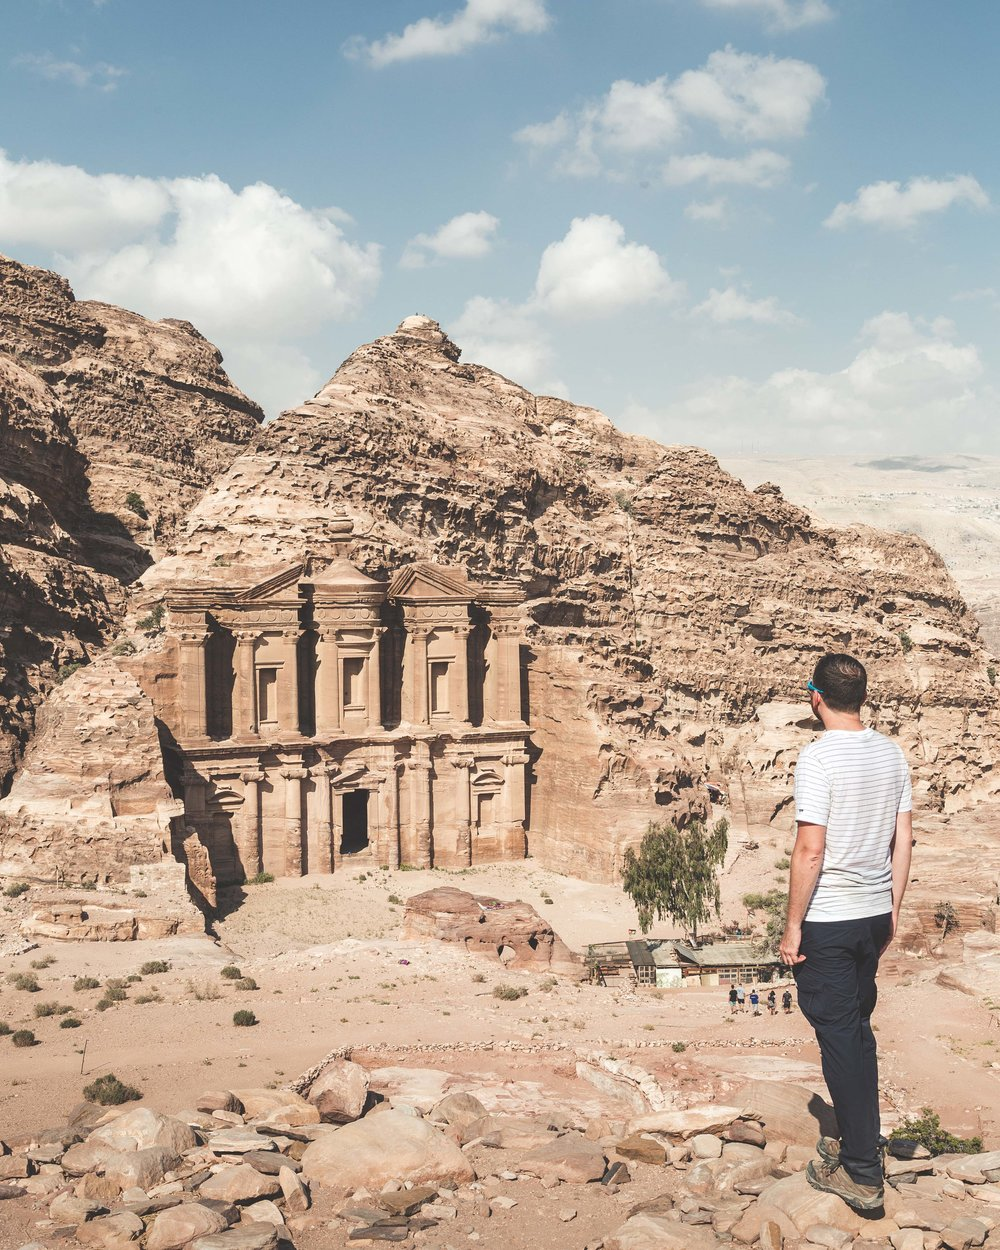 Instagrammable spots in Jordan - The Monastery, Petra